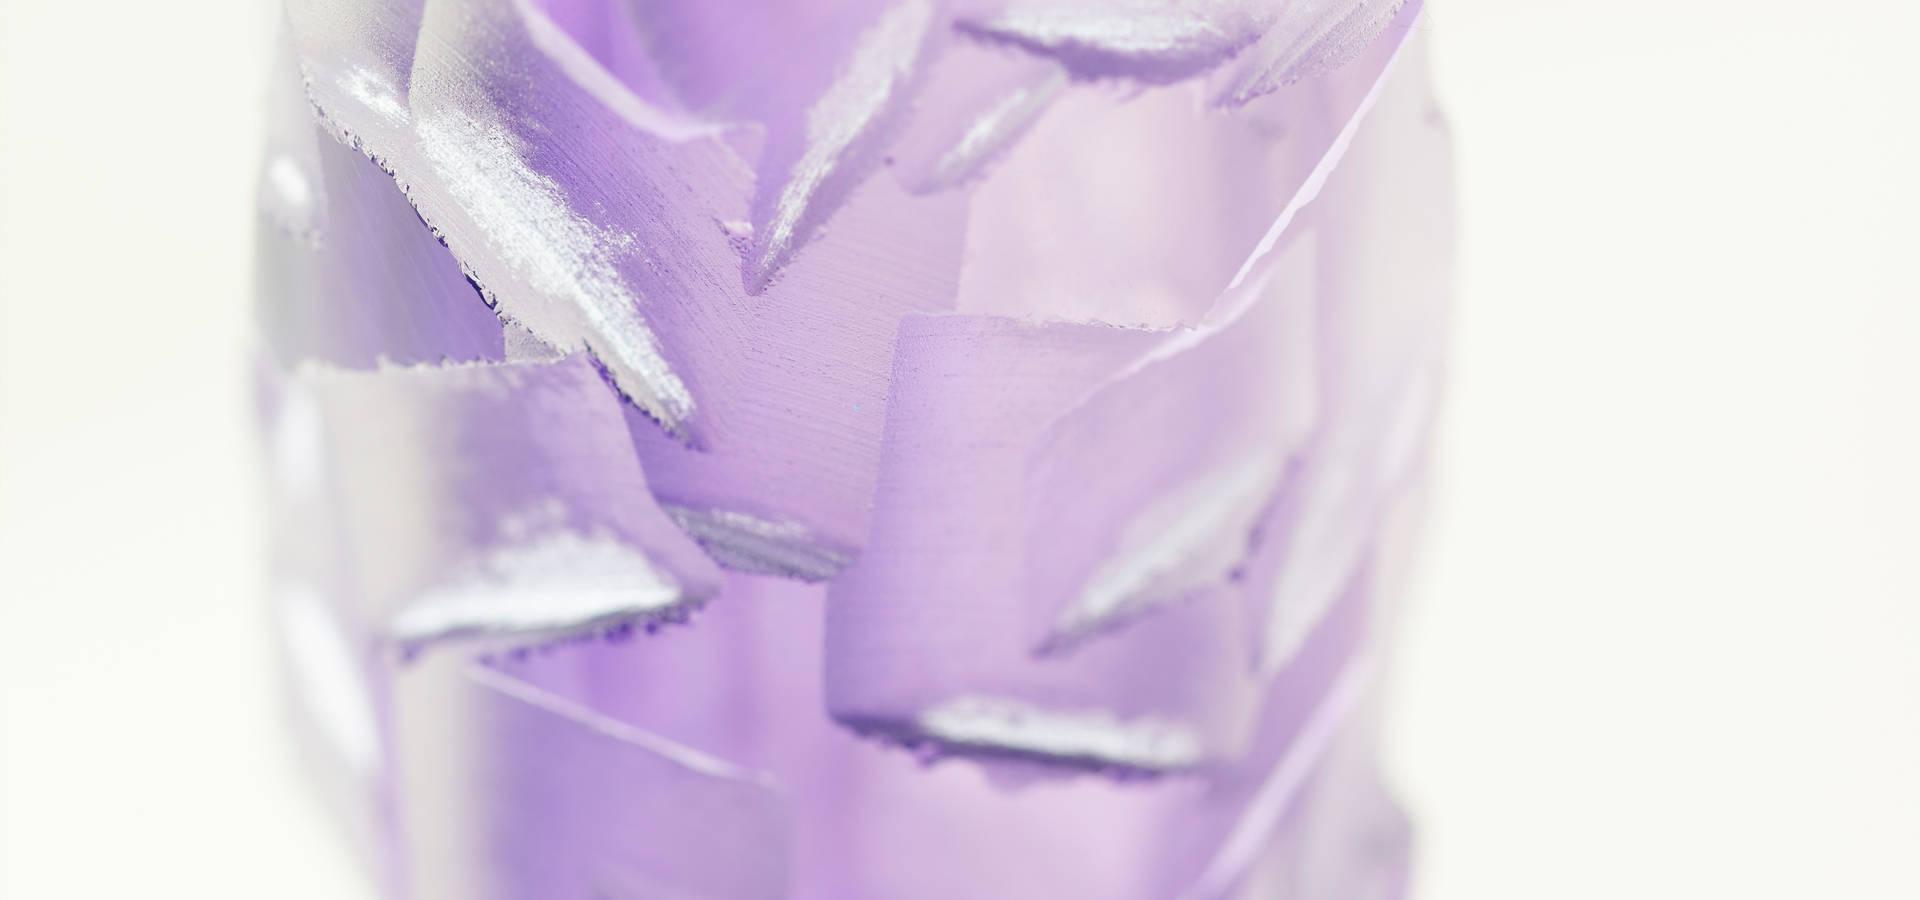 PIERINI Sculpteur de verre